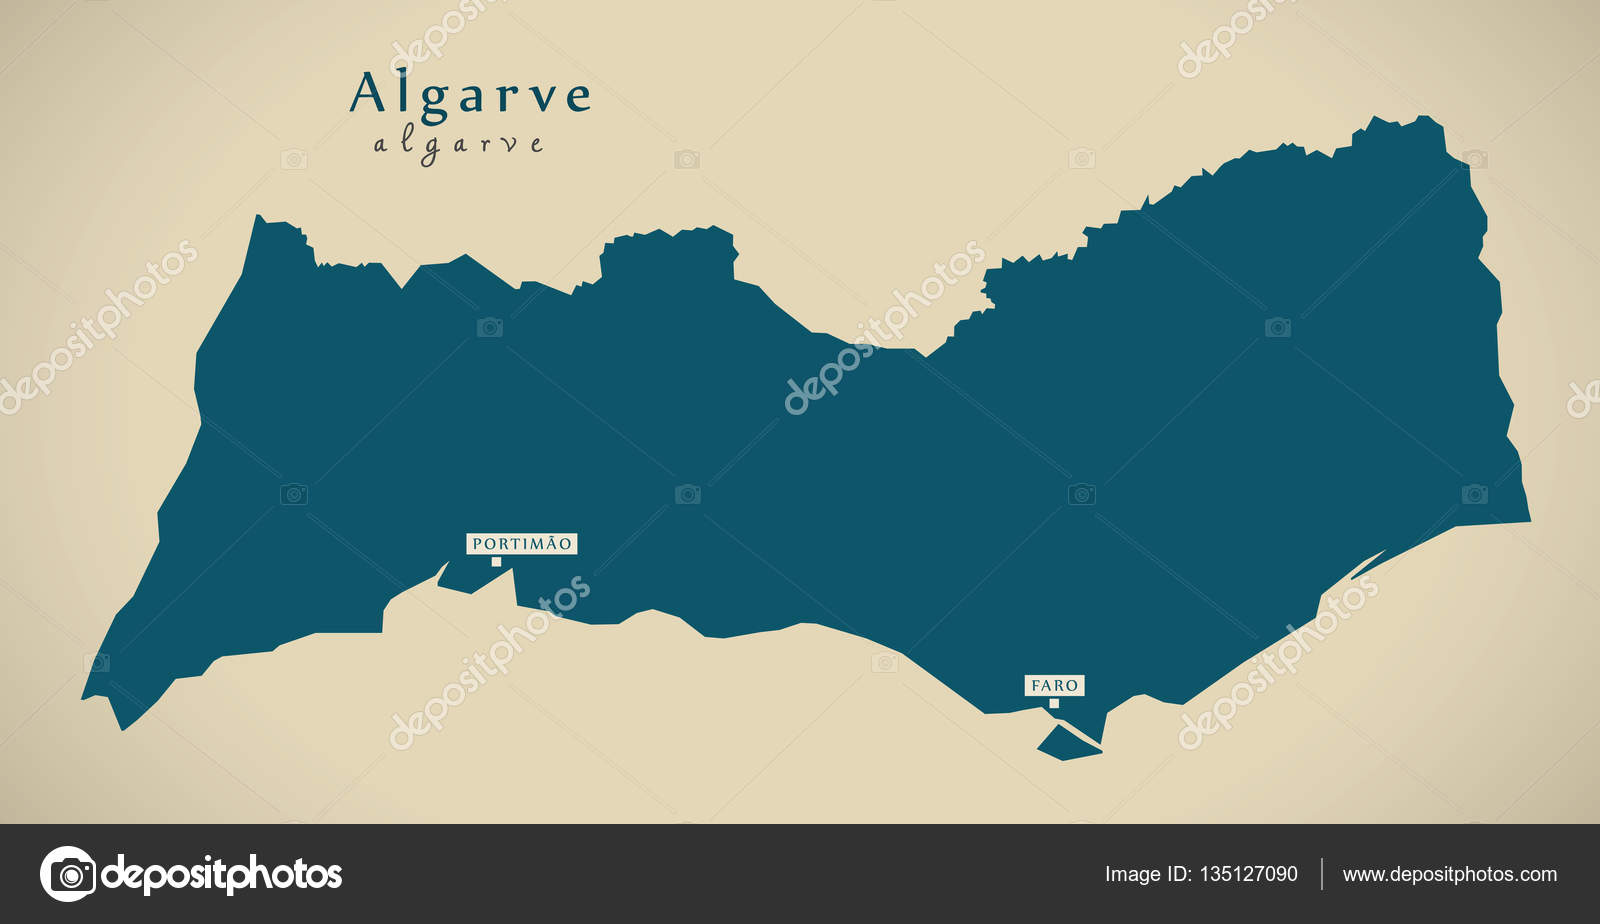 Portugal Algarve Karta.Moderna Karta Algarve Portugal Pt Stockfotografi C Ingomenhard